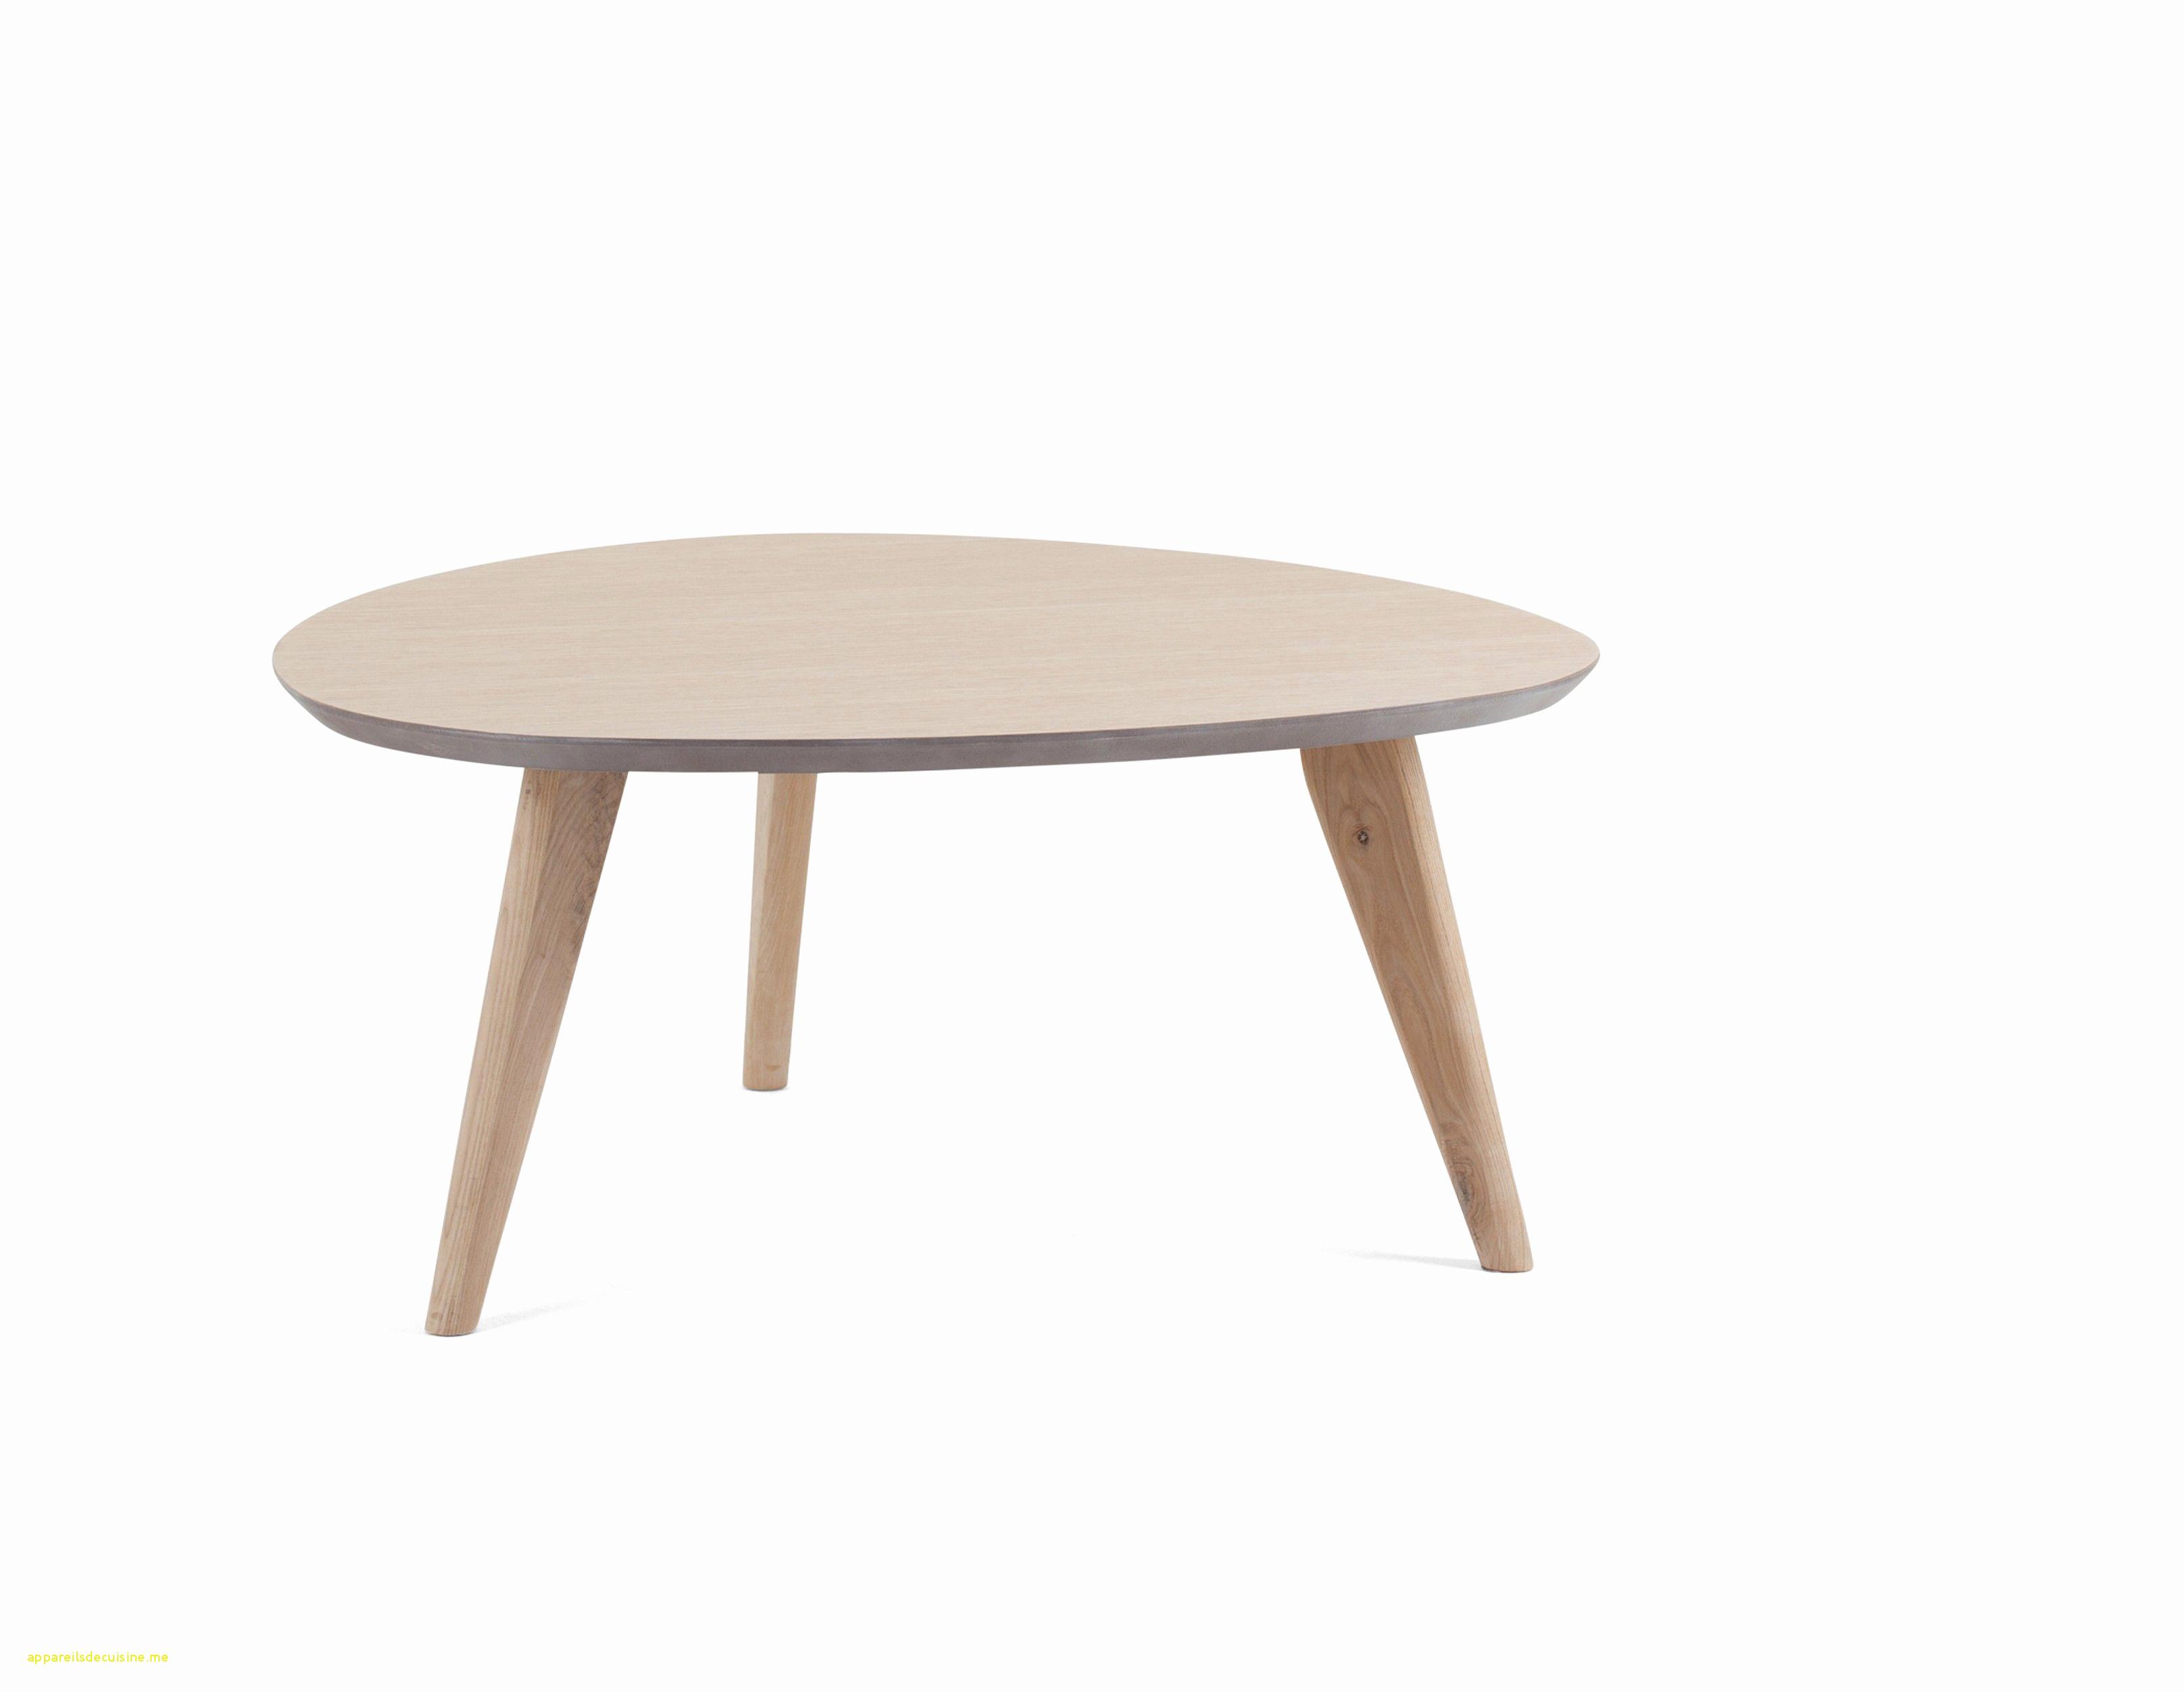 Camif Table Basse Beau Photos Résultat Supérieur Table Basse En Marbre Incroyable Table Basse